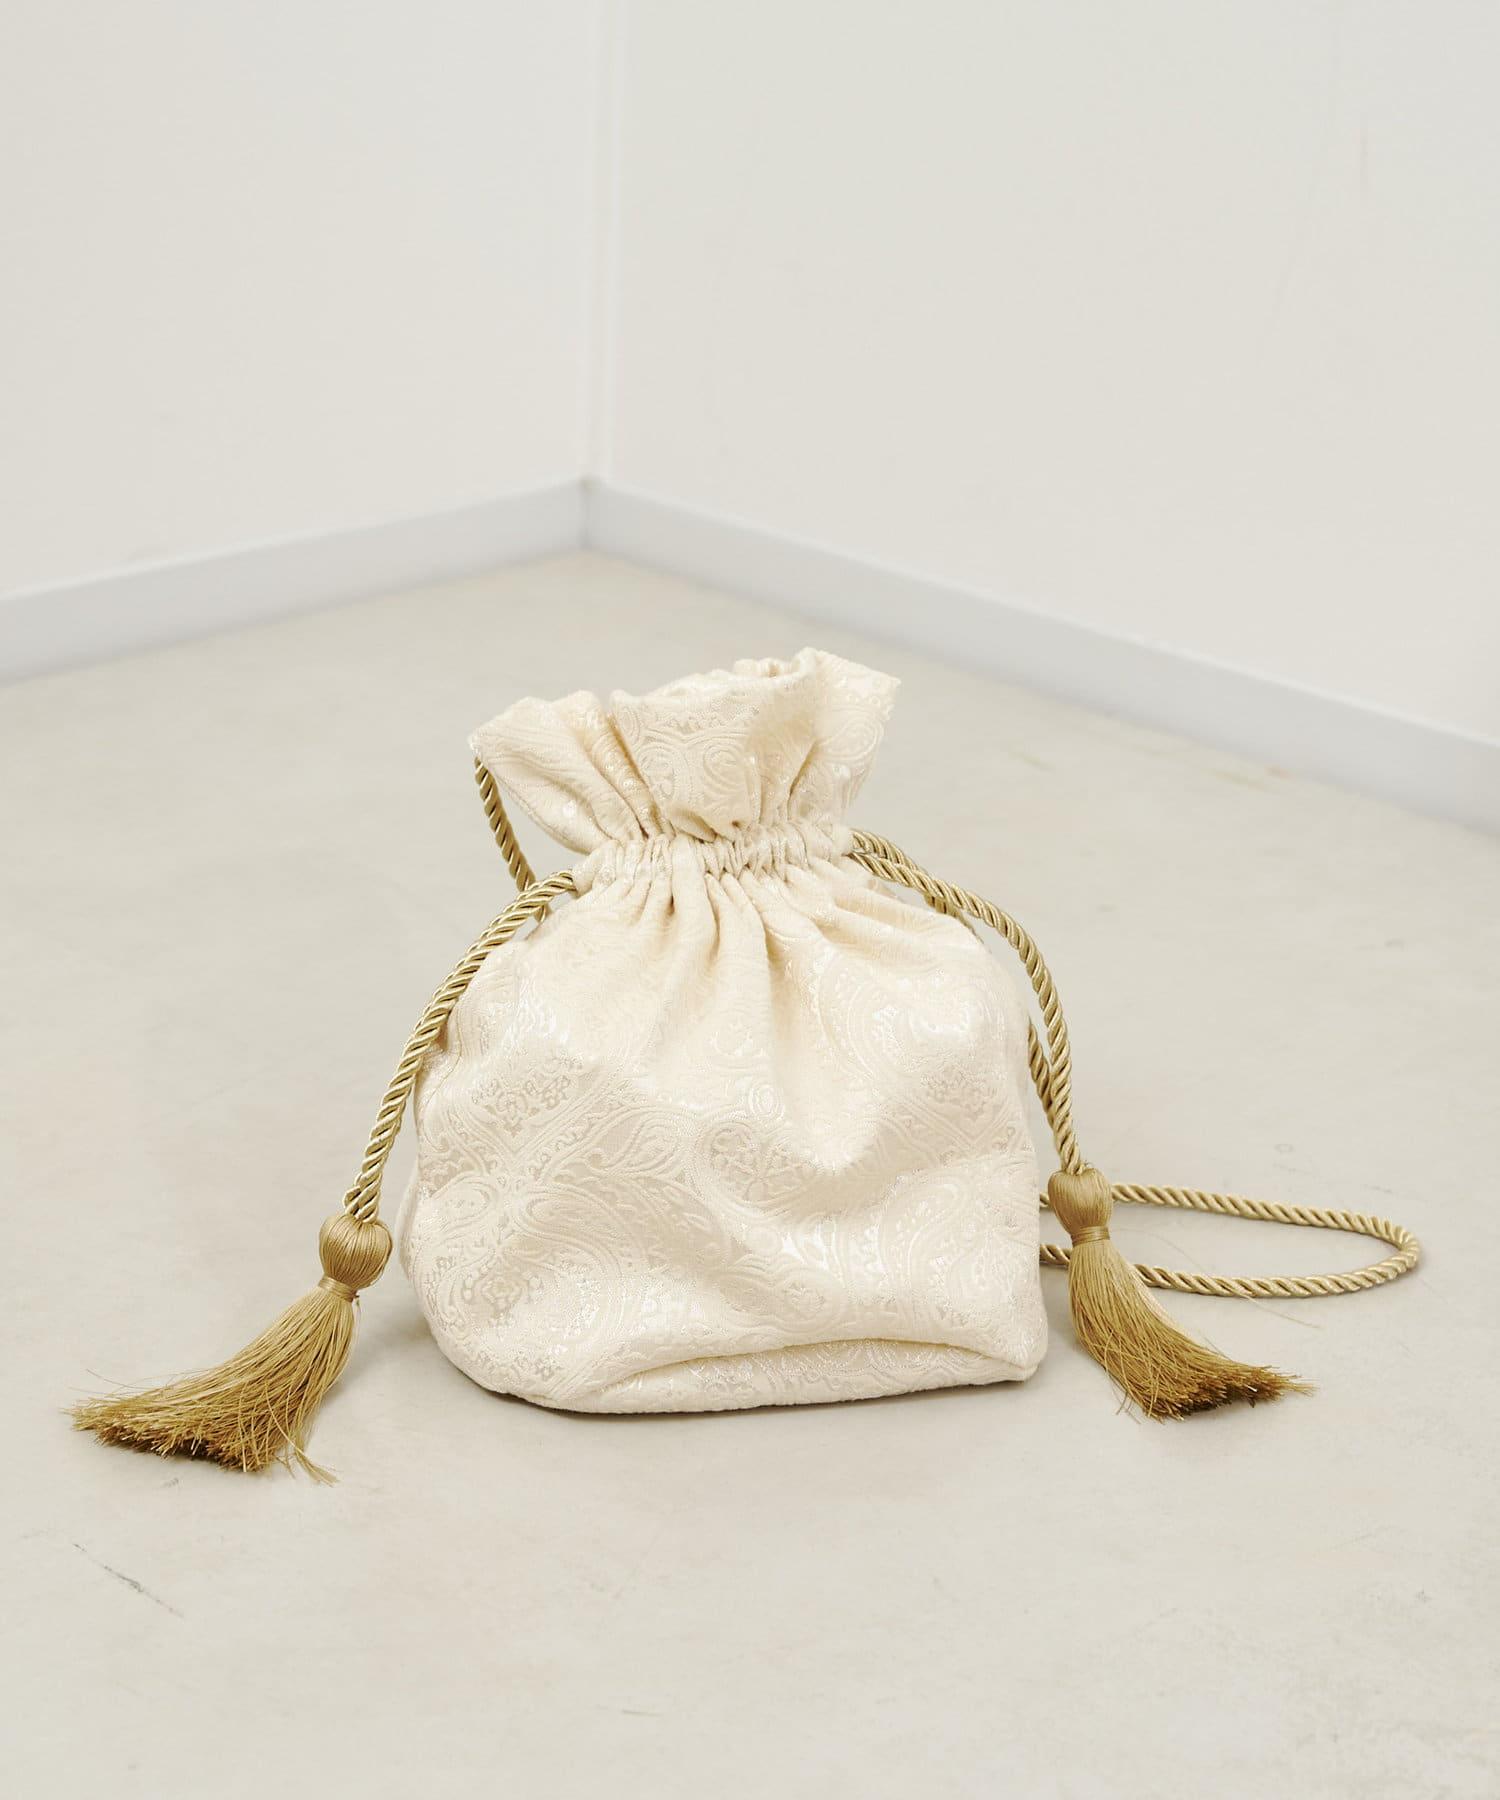 CPCM(シーピーシーエム) タッセル付きジャカード巾着バッグ